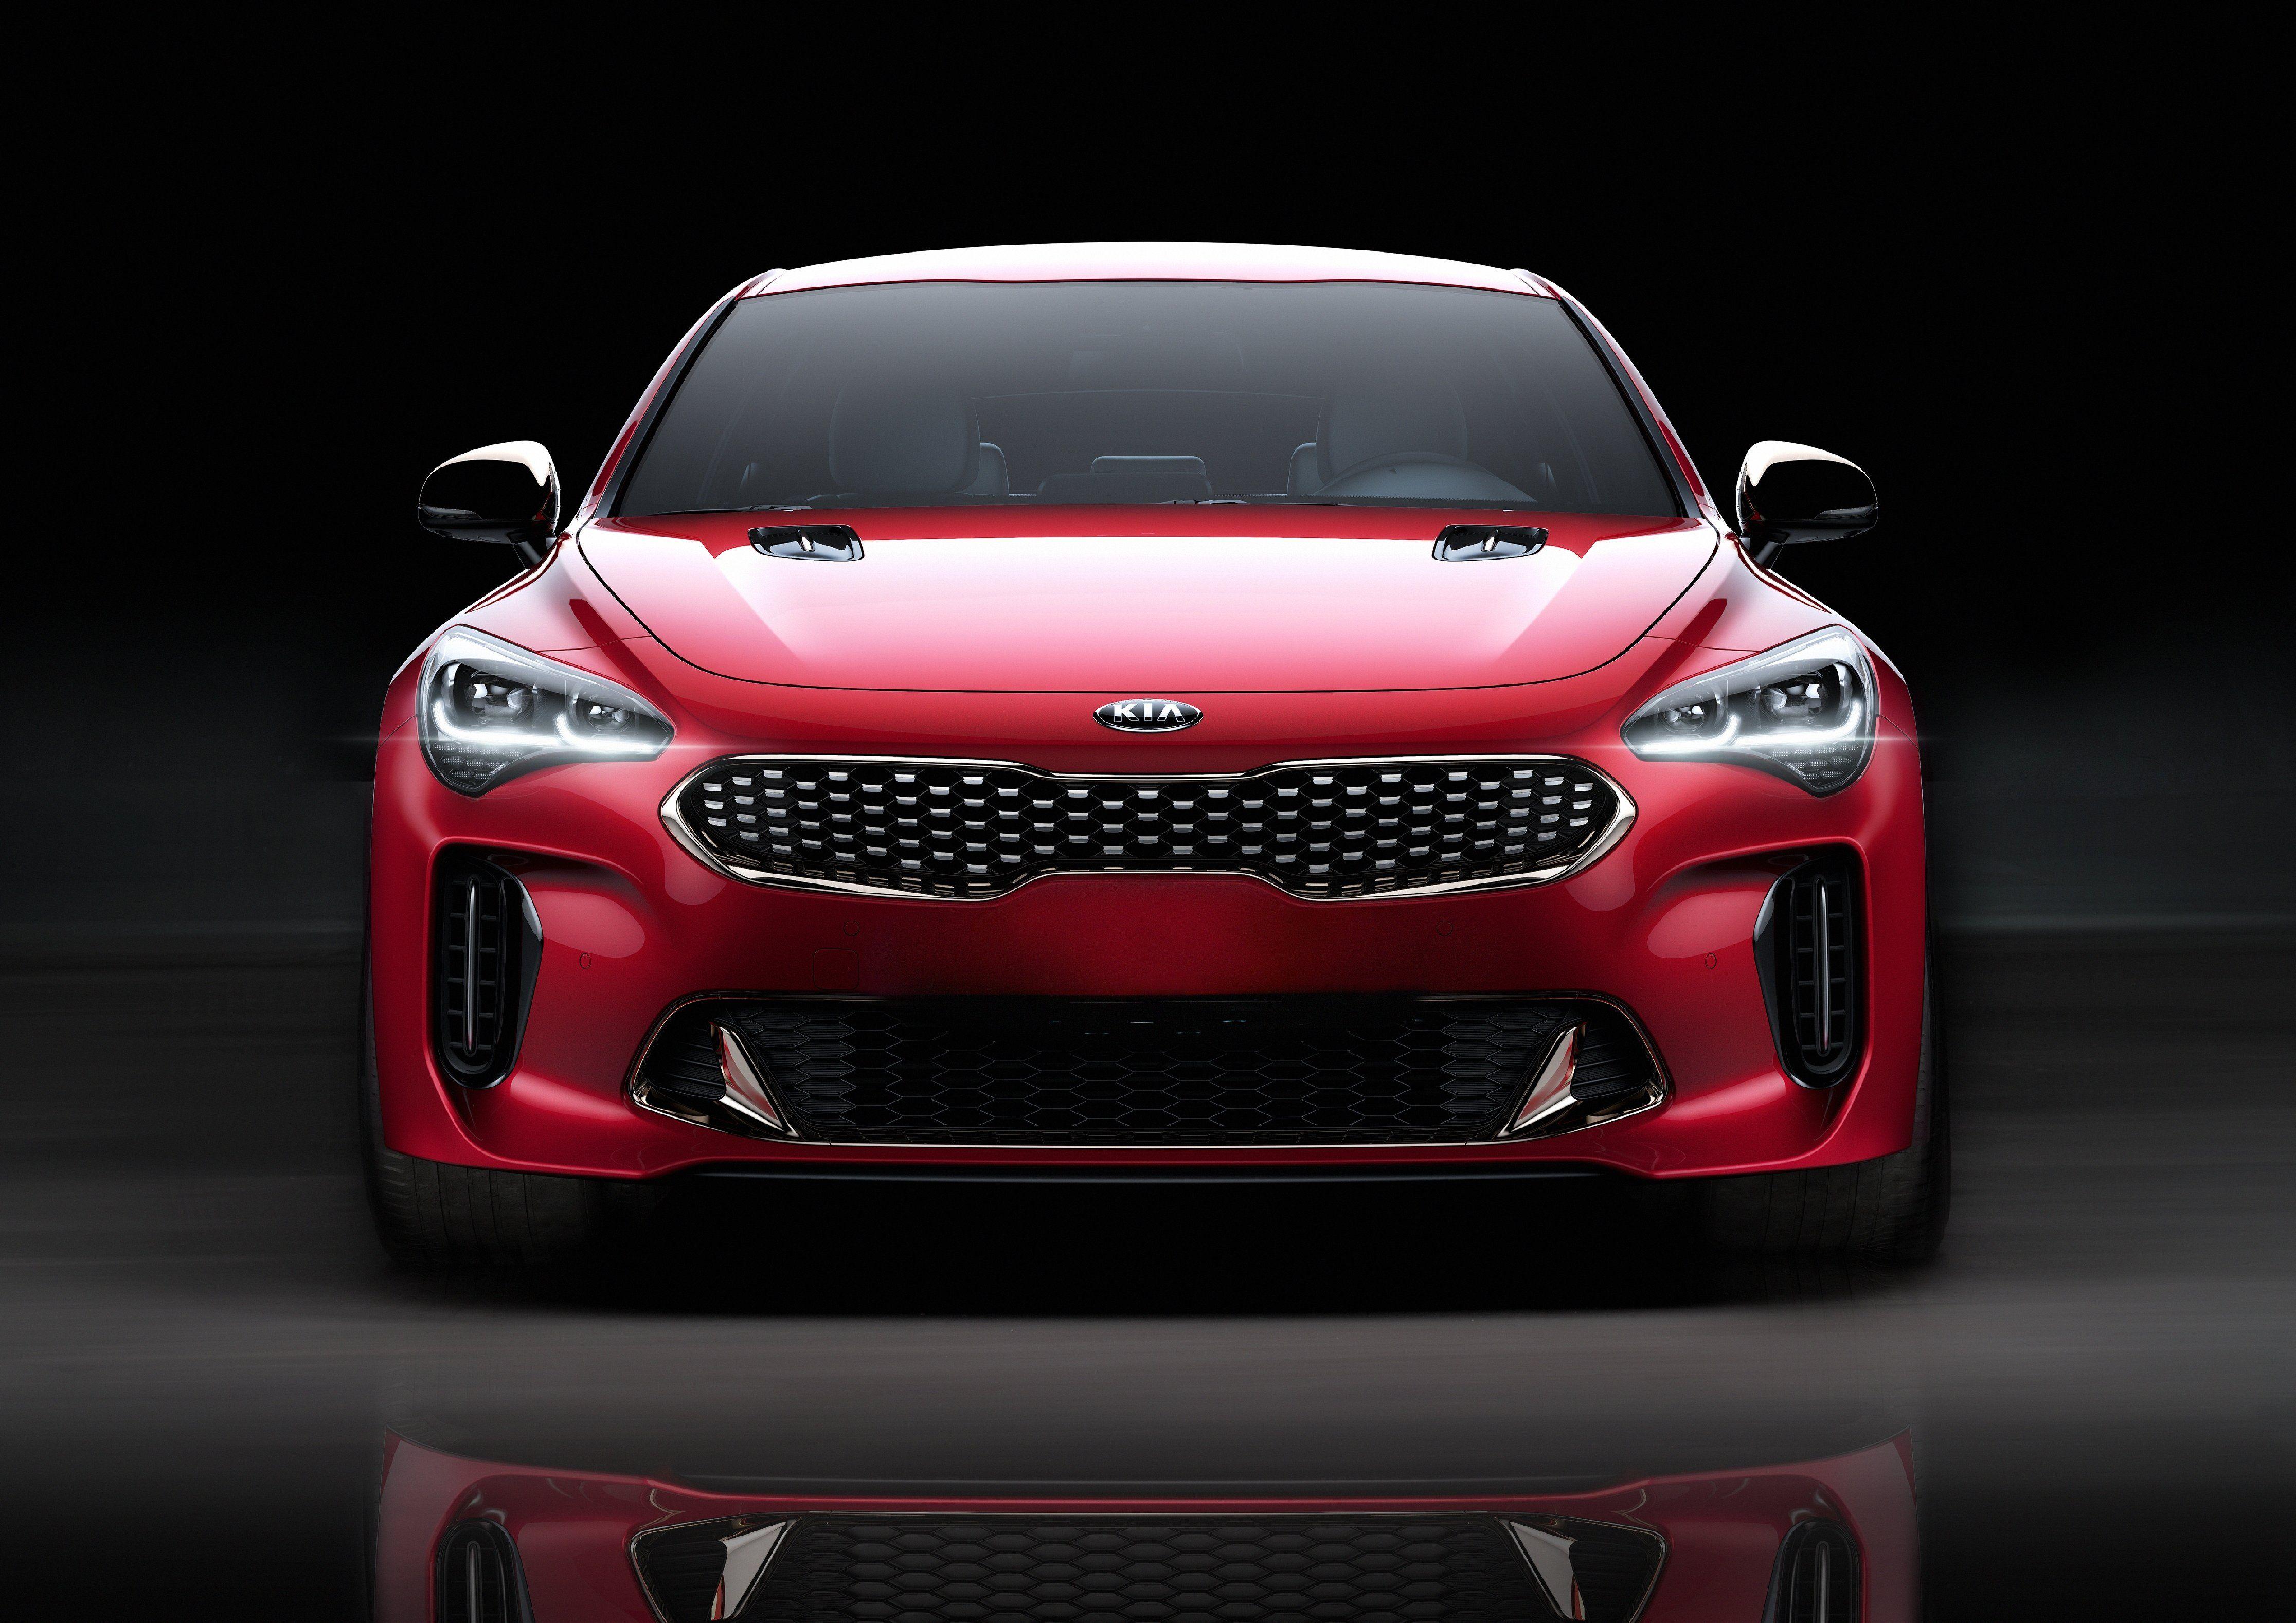 El Kia Stinger recibe el premio EyesOn Design a la Excelencia en el Diseño de Automóviles de Producción